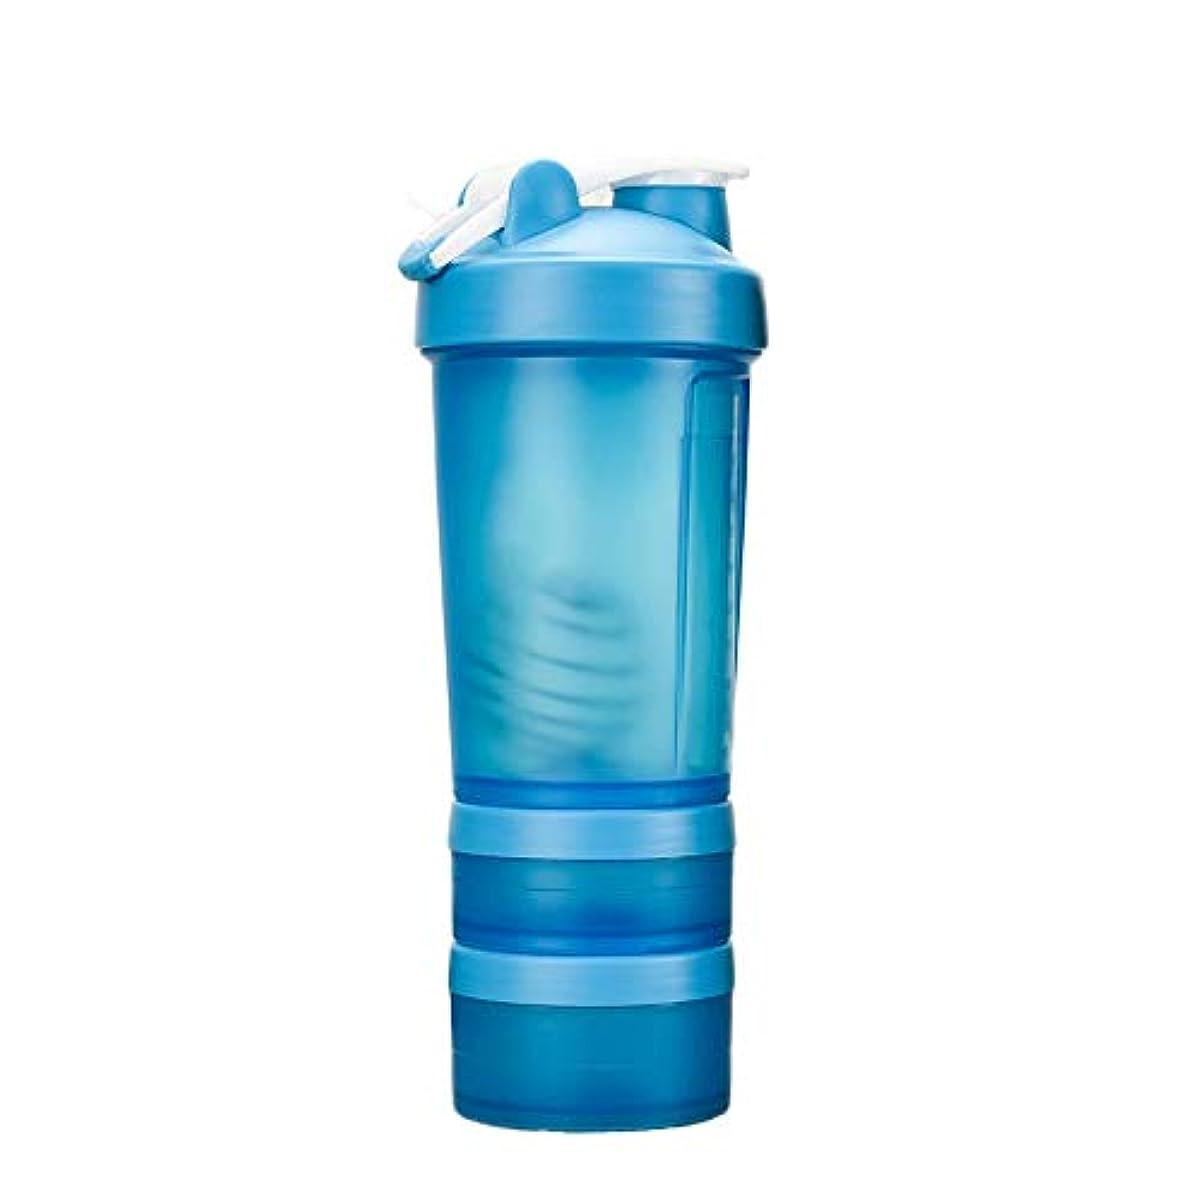 レースええカテゴリー650ml シェーカーボトルフィットネスプロテインミキサーカッププラスチックスポーツレイヤリングケトルとカプセルボックススカラボールとスケール表示屋外カフェバーオフィス栄養,Blue